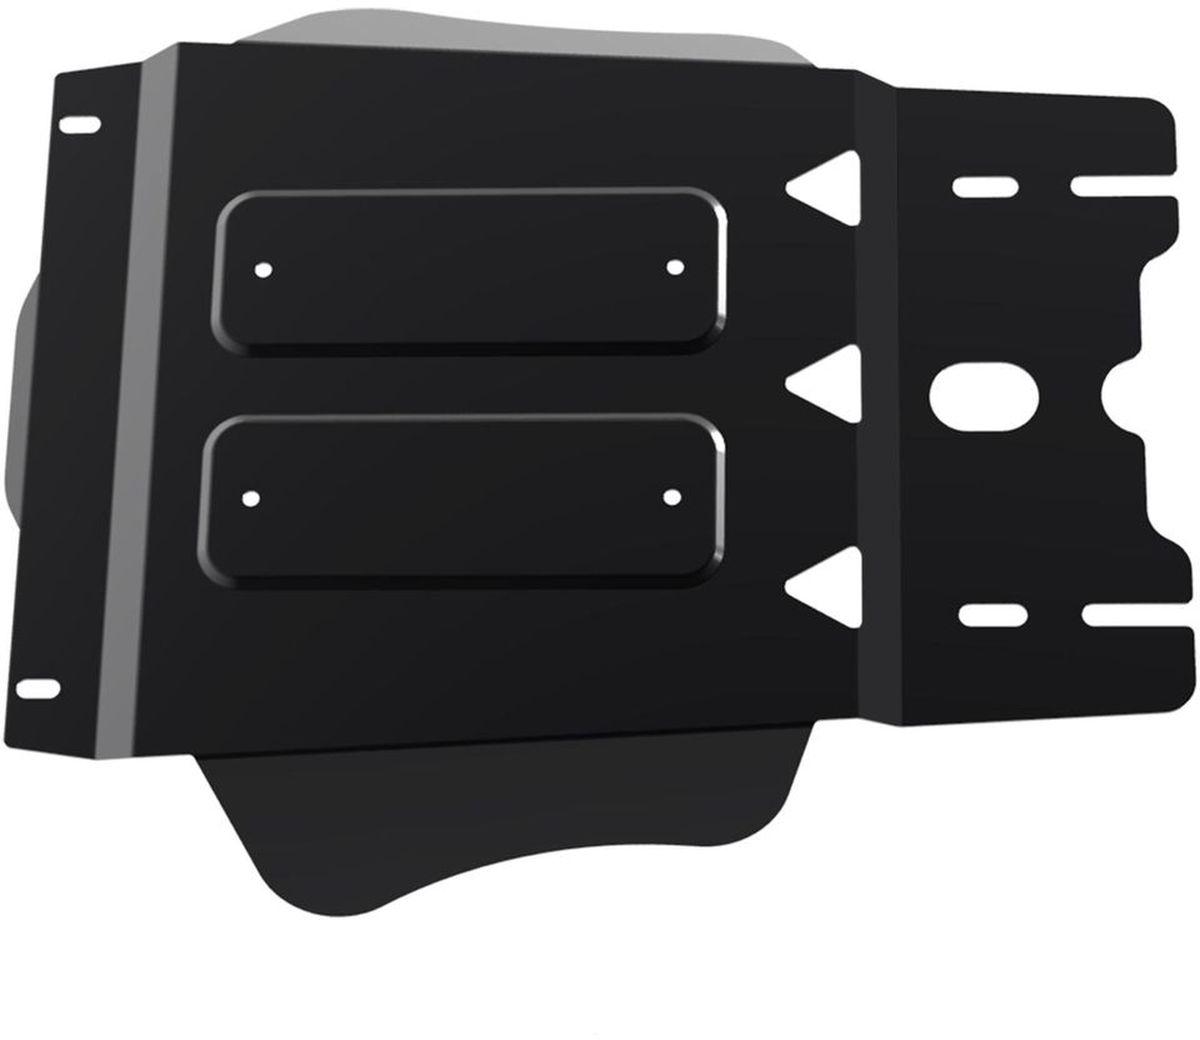 Защита КПП Автоброня Lexus LX 470 1998-2007/Toyota Land Cruiser 100 1998-2007, сталь 2 мм111.05753.1Защита КПП Автоброня для Lexus LX 470, V - 4,7i 1998-2007/Toyota Land Cruiser 100, V - 4,2D 1998-2007, сталь 2 мм, комплект крепежа, 111.05753.1Дополнительно можно приобрести другие защитные элементы из комплекта: защита картера - 111.05752.1Стальные защиты Автоброня надежно защищают ваш автомобиль от повреждений при наезде на бордюры, выступающие канализационные люки, кромки поврежденного асфальта или при ремонте дорог, не говоря уже о загородных дорогах.- Имеют оптимальное соотношение цена-качество.- Спроектированы с учетом особенностей автомобиля, что делает установку удобной.- Защита устанавливается в штатные места кузова автомобиля.- Является надежной защитой для важных элементов на протяжении долгих лет.- Глубокий штамп дополнительно усиливает конструкцию защиты.- Подштамповка в местах крепления защищает крепеж от срезания.- Технологические отверстия там, где они необходимы для смены масла и слива воды, оборудованные заглушками, закрепленными на защите.Толщина стали 2 мм.В комплекте крепеж и инструкция по установке.Уважаемые клиенты!Обращаем ваше внимание на тот факт, что защита имеет форму, соответствующую модели данного автомобиля. Наличие глубокого штампа и лючков для смены фильтров/масла предусмотрено не на всех защитах. Фото служит для визуального восприятия товара.